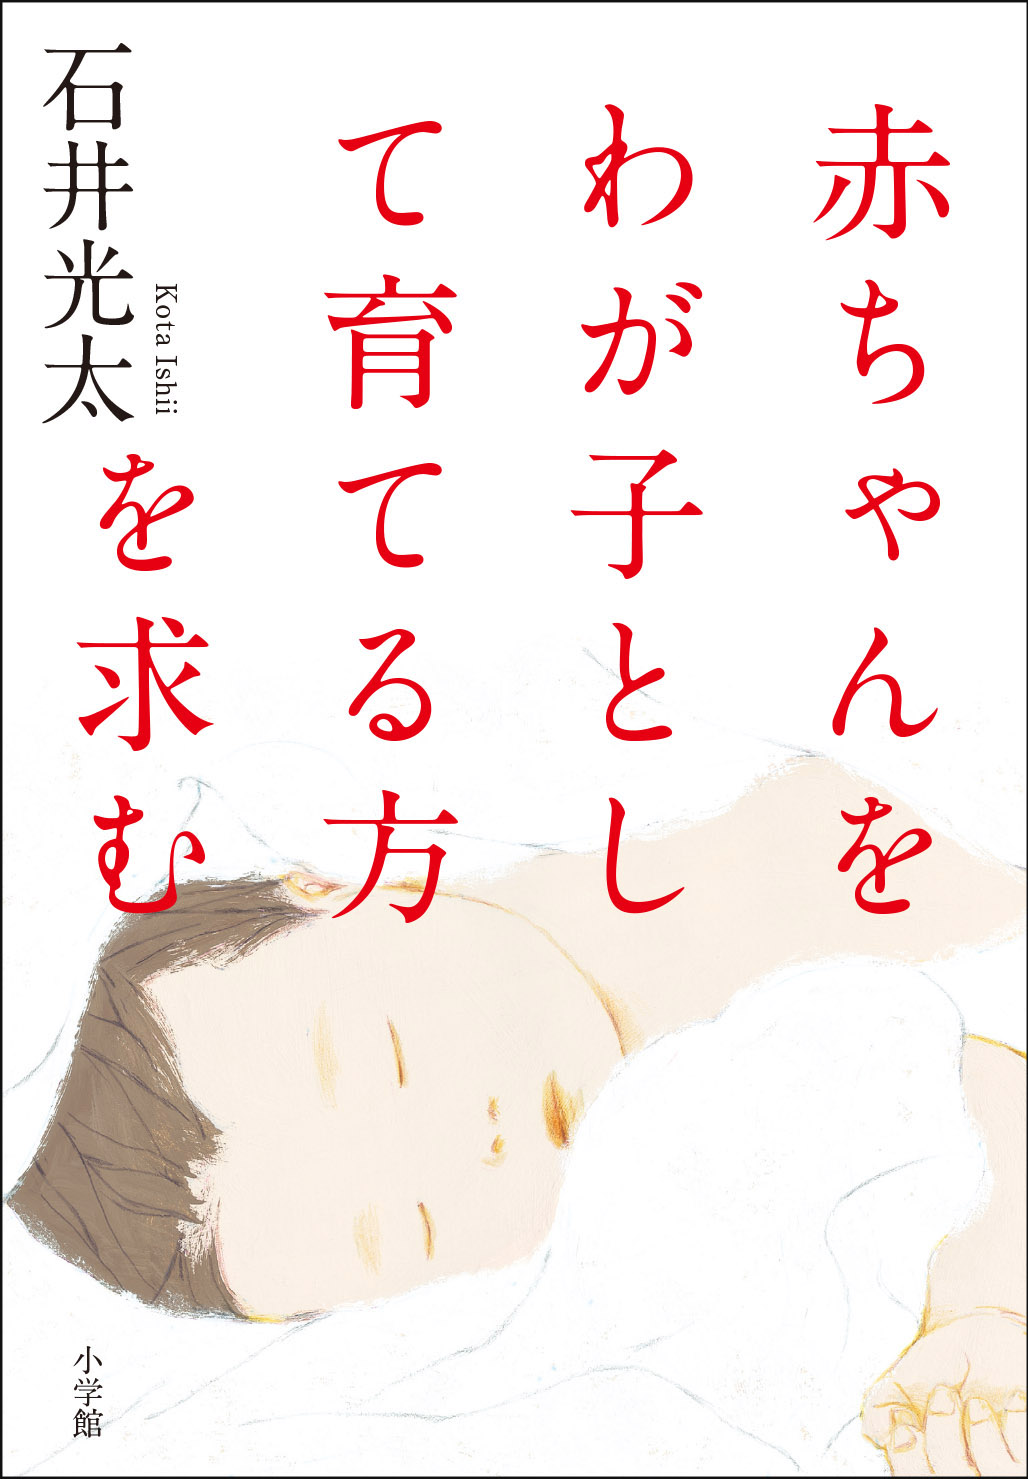 赤ちゃんをわが子として育てる方を求む